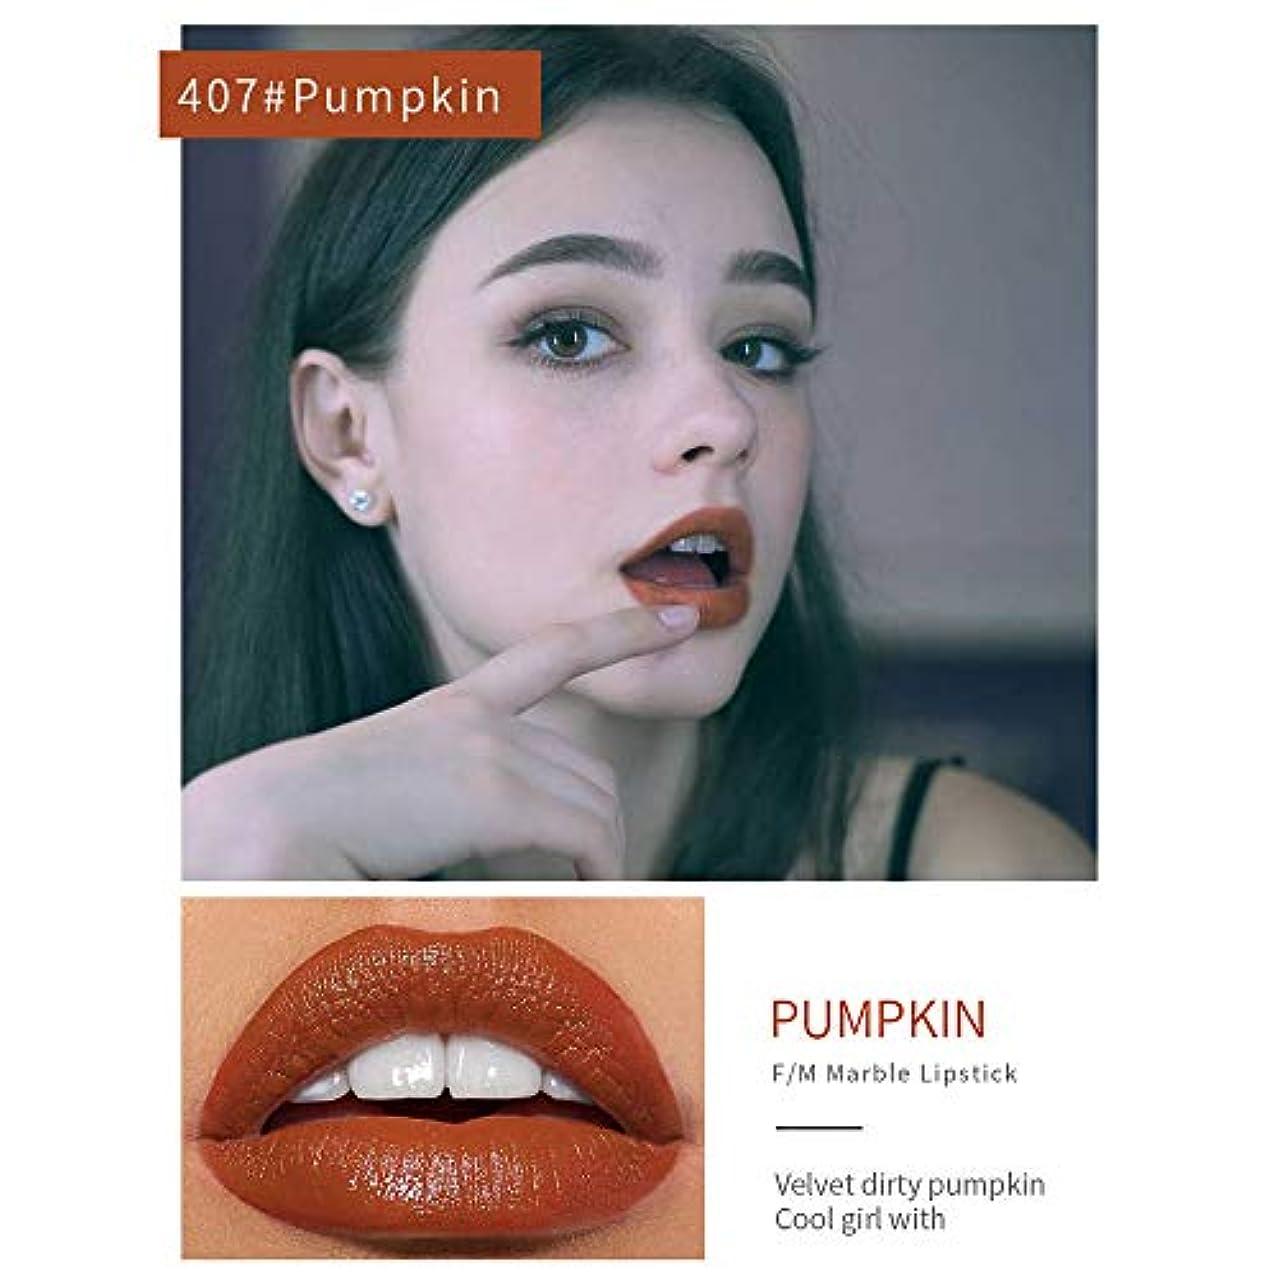 写真説明する蓮口紅 人気 安い Dafanet リップグロス リップグレーズ リップスティック 落ちにくい かわいい うるおい 可愛い オレンジ系 リップグロウ リップベース 女性 おしゃれ リップティント 面白い カップにこだわらない...